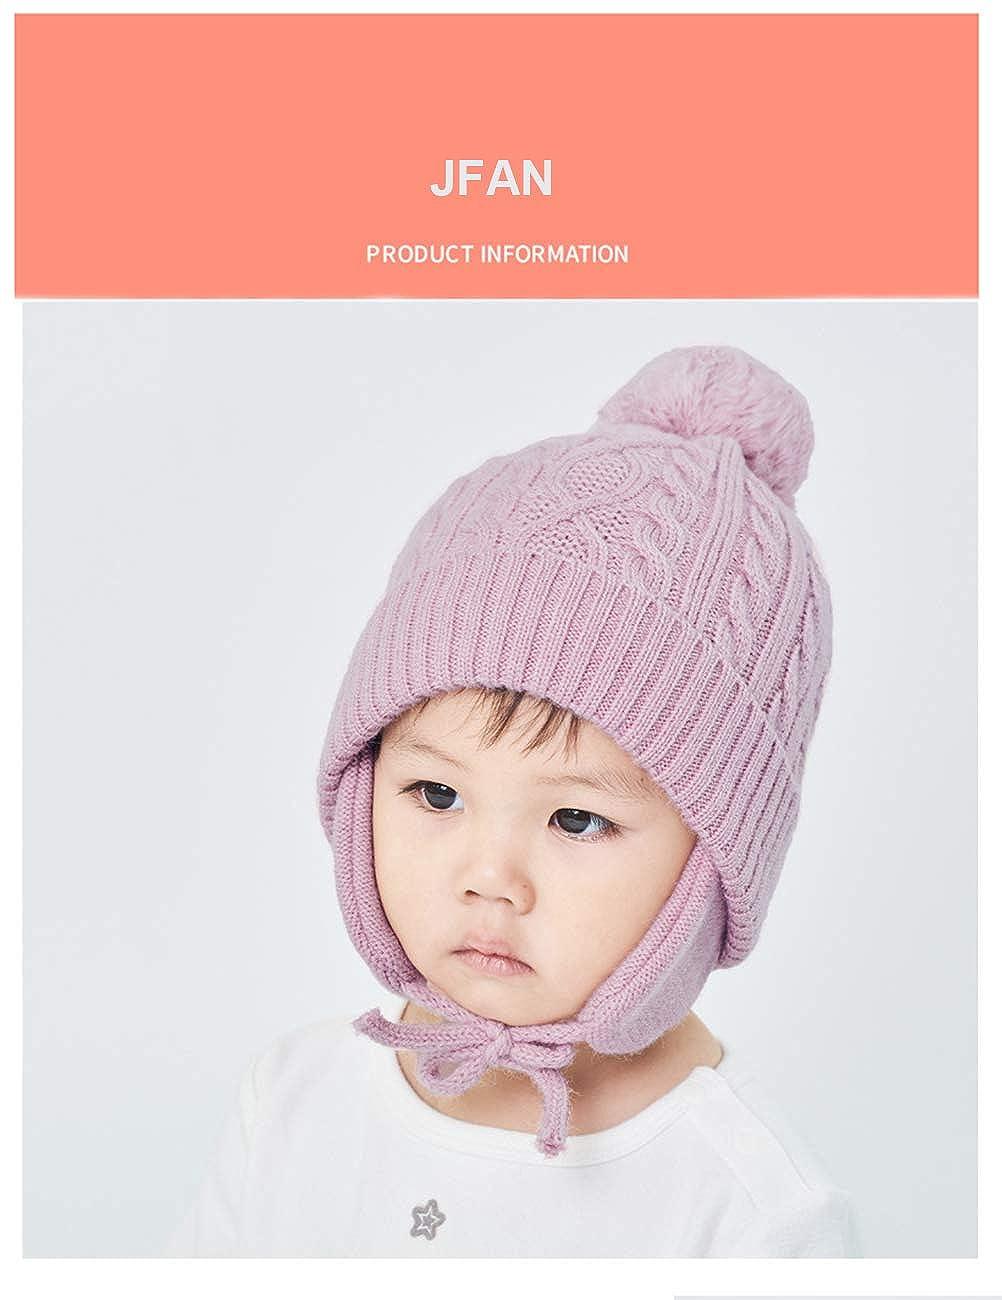 JFan Sombrero de Beb/é Sombreros de Invierno de Punto Sombrero de Gorro para Ni/ños Peque/ños Forro Polar Forros Gruesos Gorros de Beb/é para Beb/és Sombreros de Ni/ña Beb/é